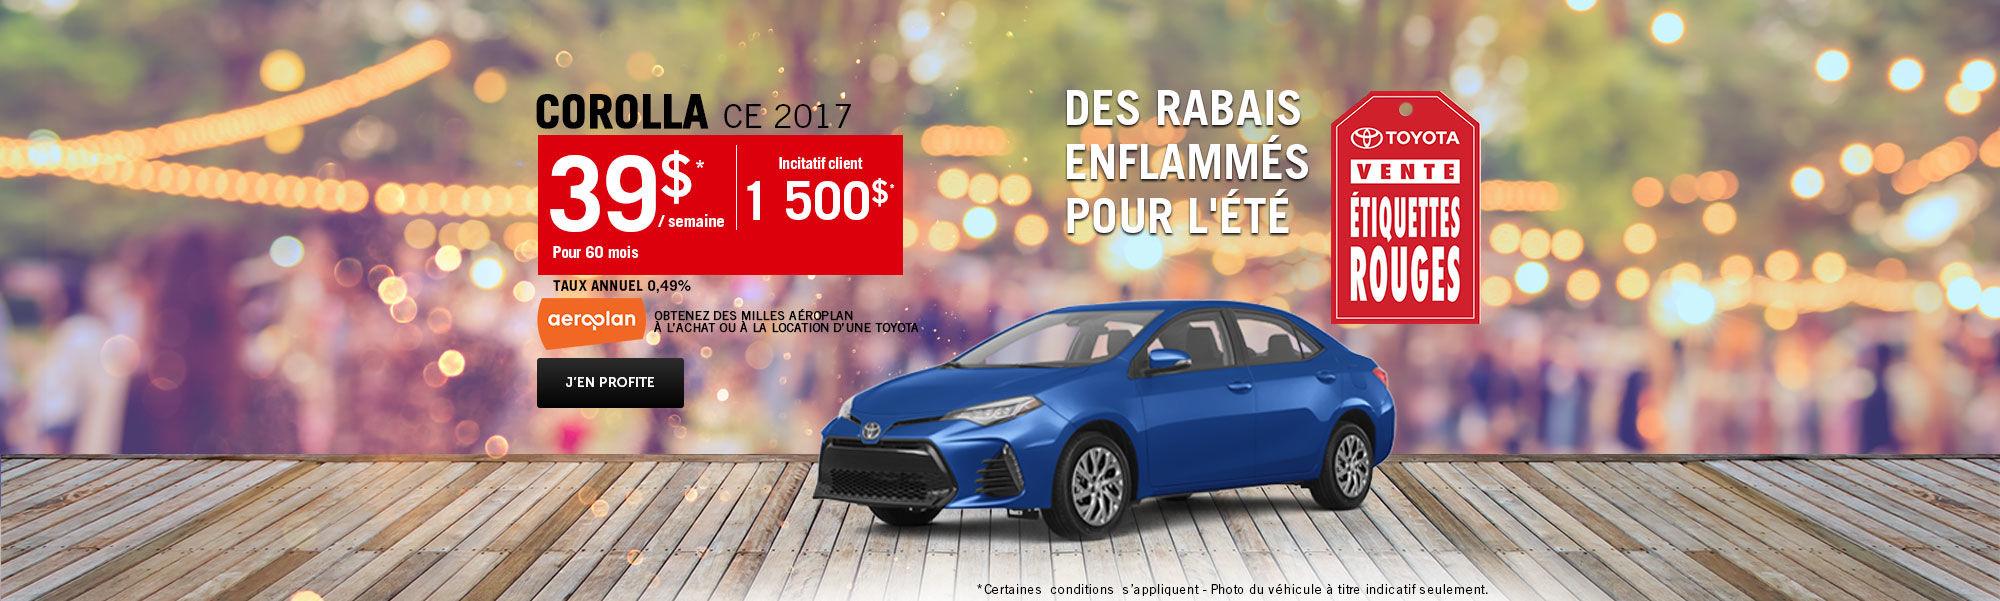 Vente étiquette rouges Toyota - Corolla